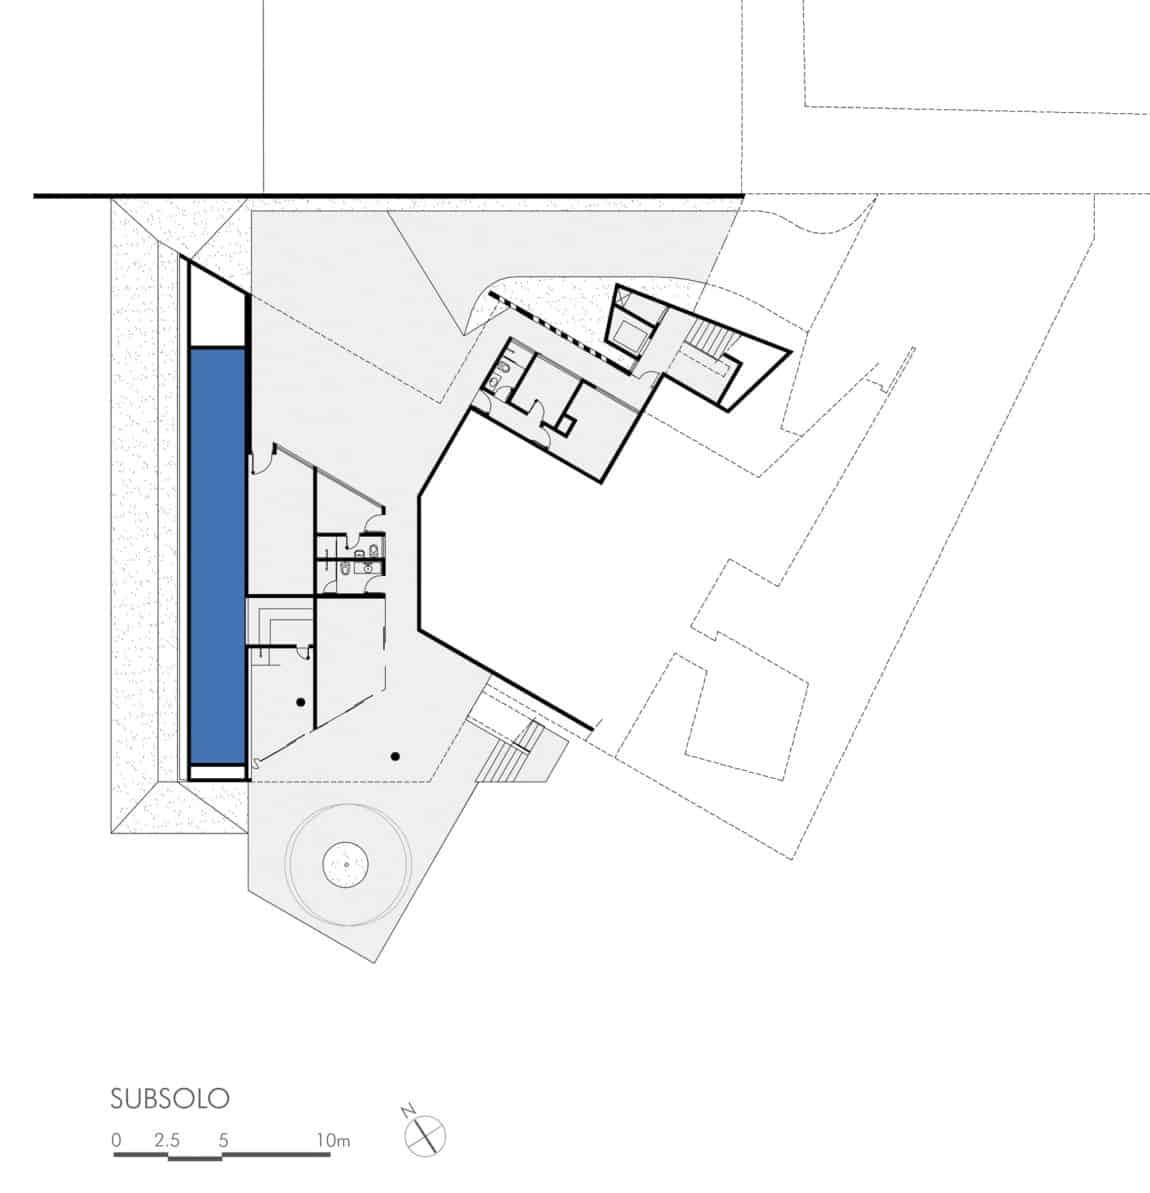 House in Lago Sul QI 25 by Sérgio Parada Arquitetos (16)